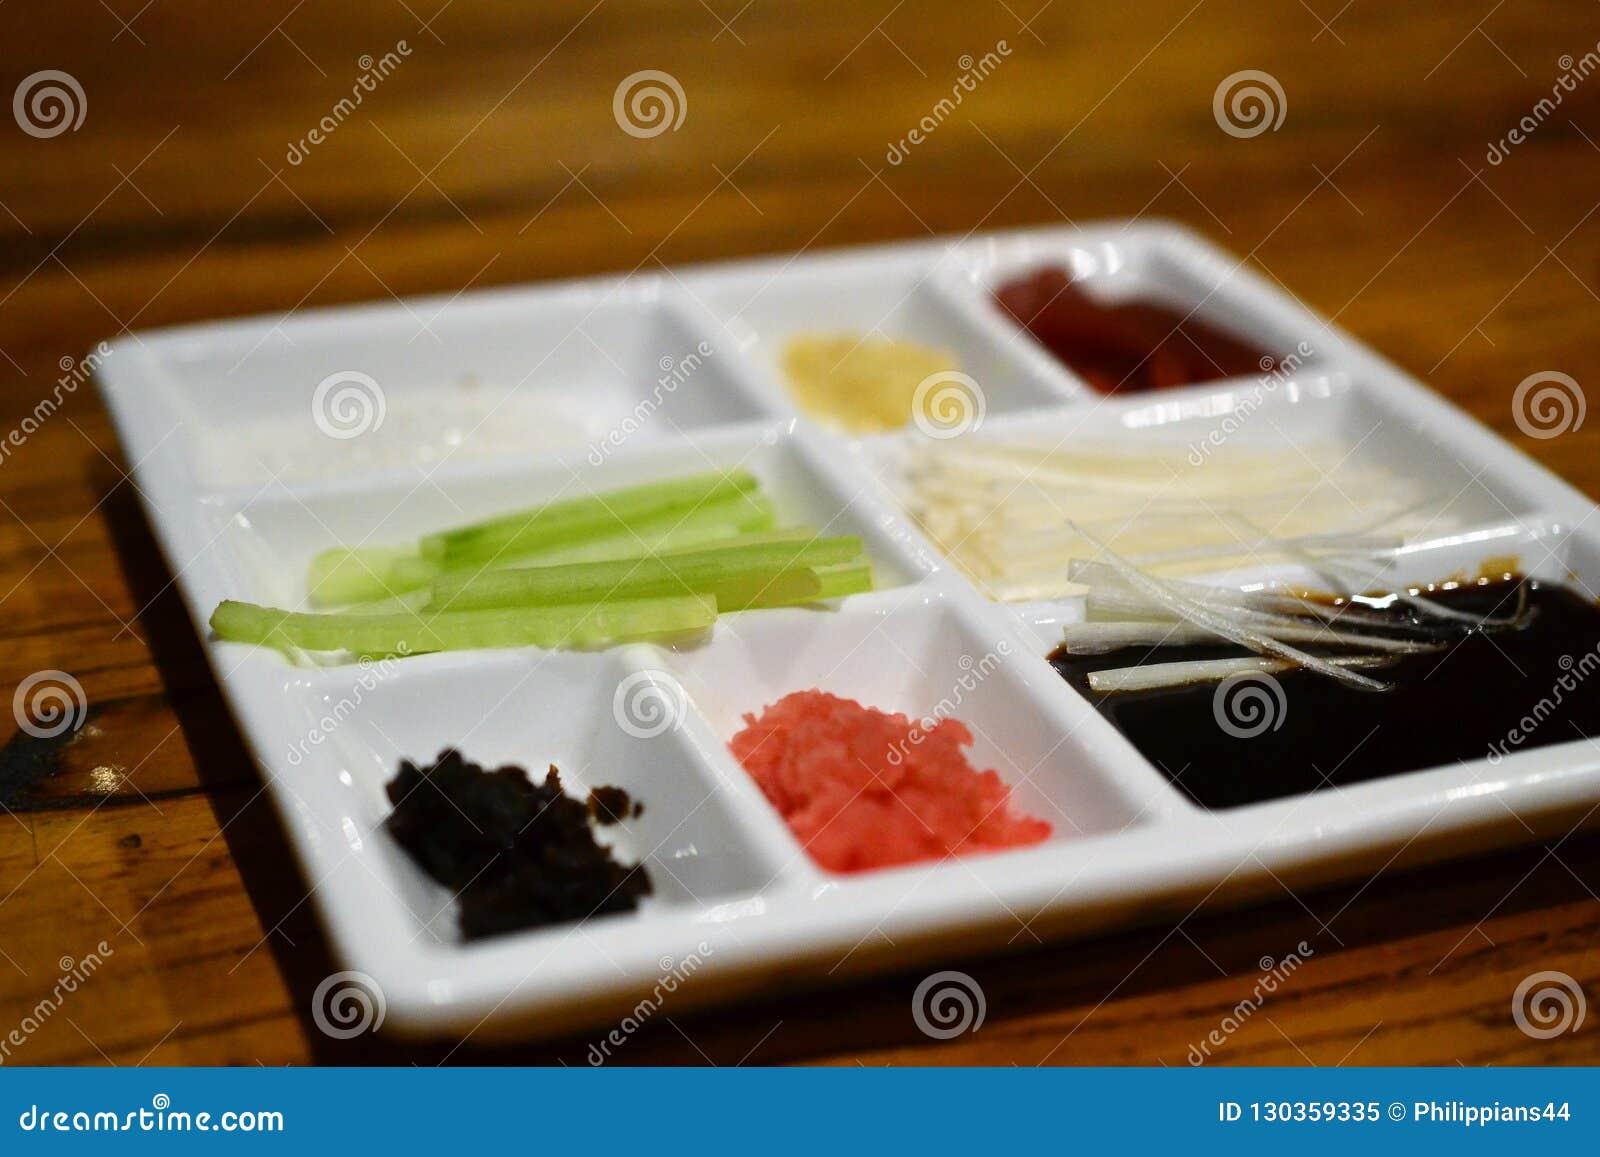 Ente Pekings Peking in der Vorbereitung, mit Beilage, authentische chinesische Nahrung